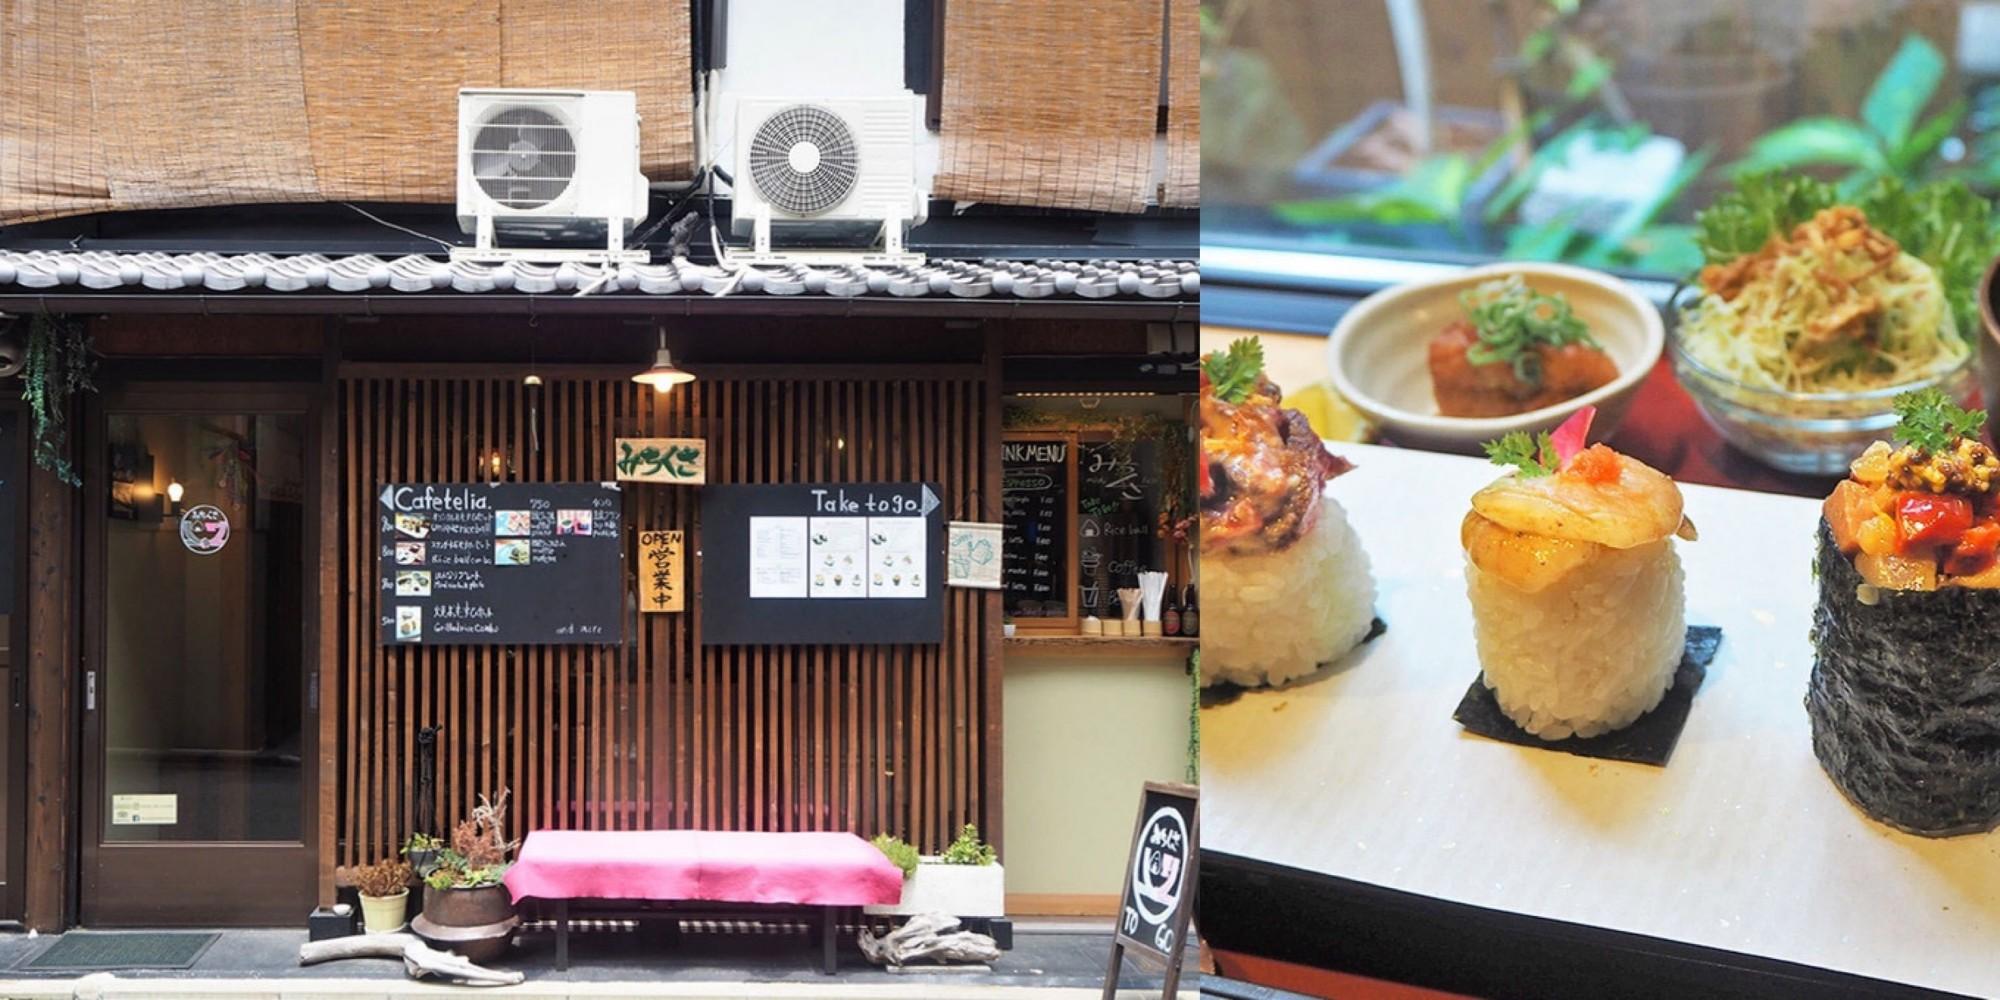 京都美食|京都『Omusubi Cafe Michikusa(おむすびカフェみちくさ)』的好吃好看現做飯糰